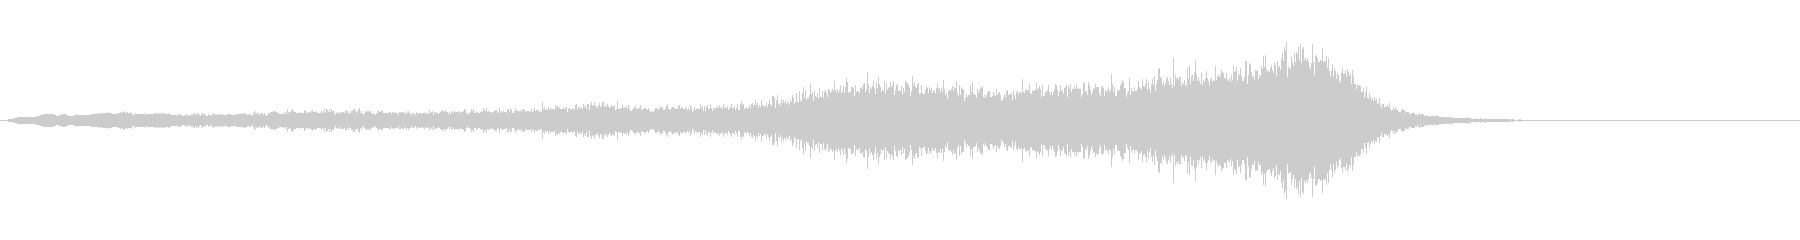 ホラー系効果音16の未再生の波形